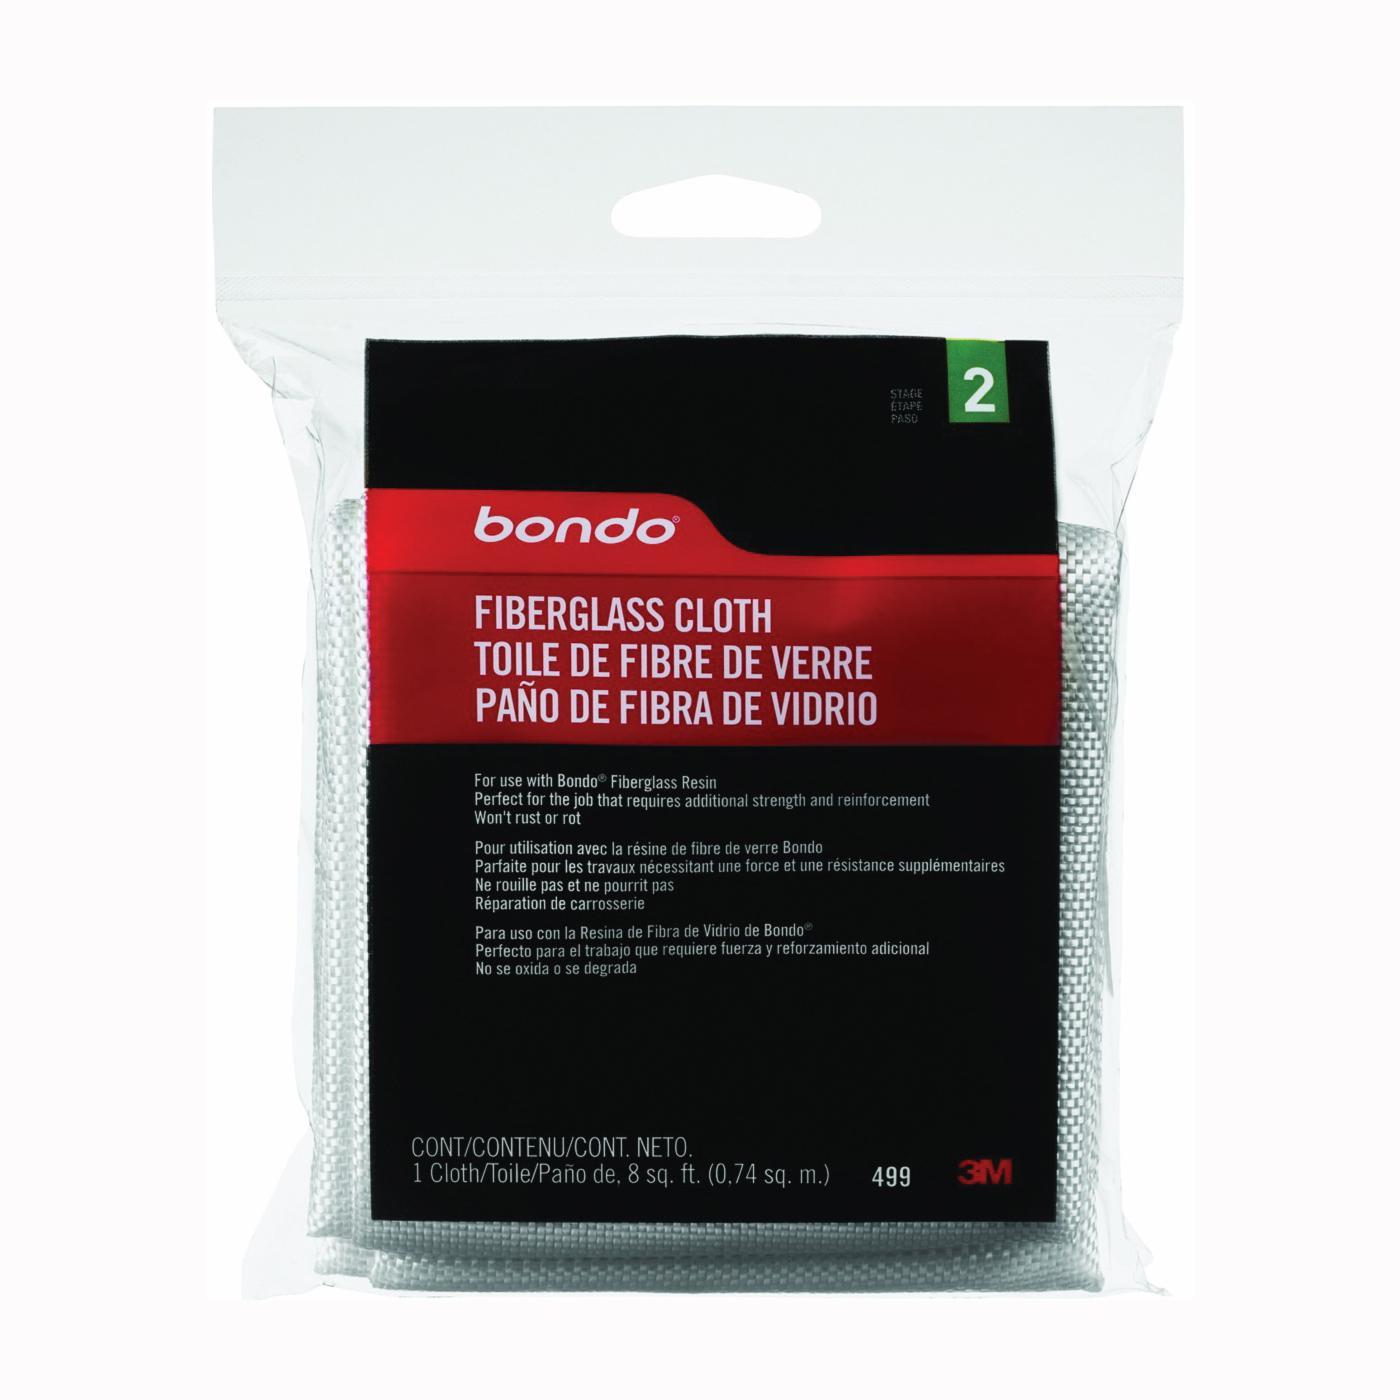 BONDO/DYNATRON 499